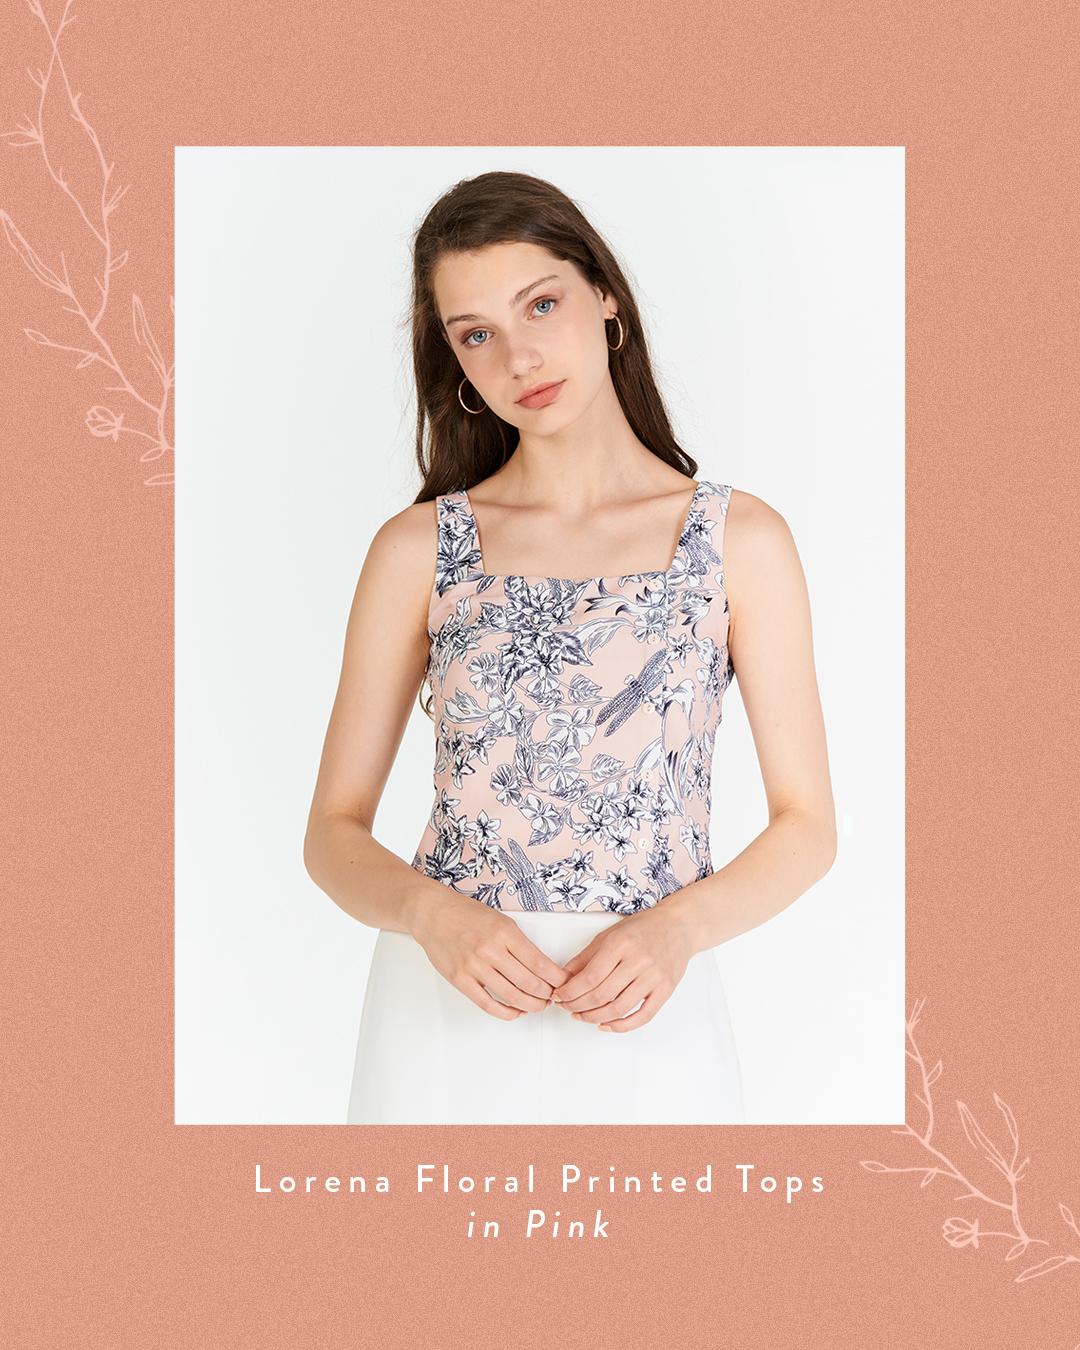 Lorena Floral Printed Top